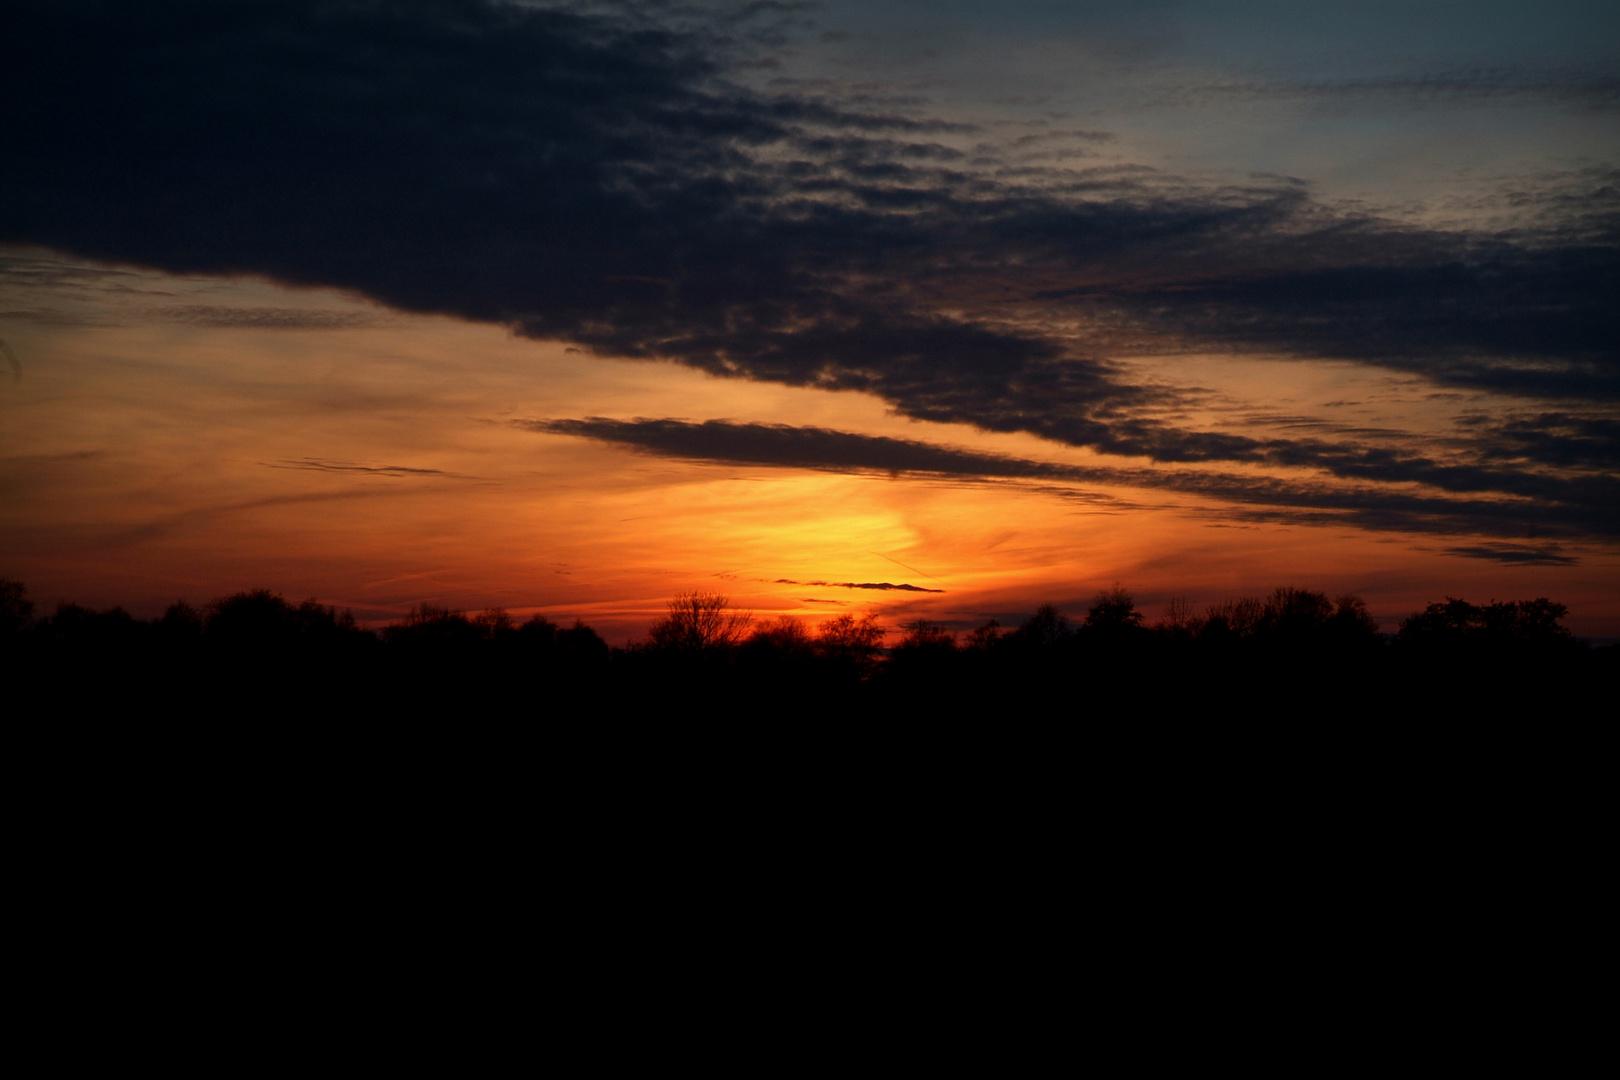 Sonnenuntergang; 06.März 2013; 18:30 Uhr; Bad Zwischenahn